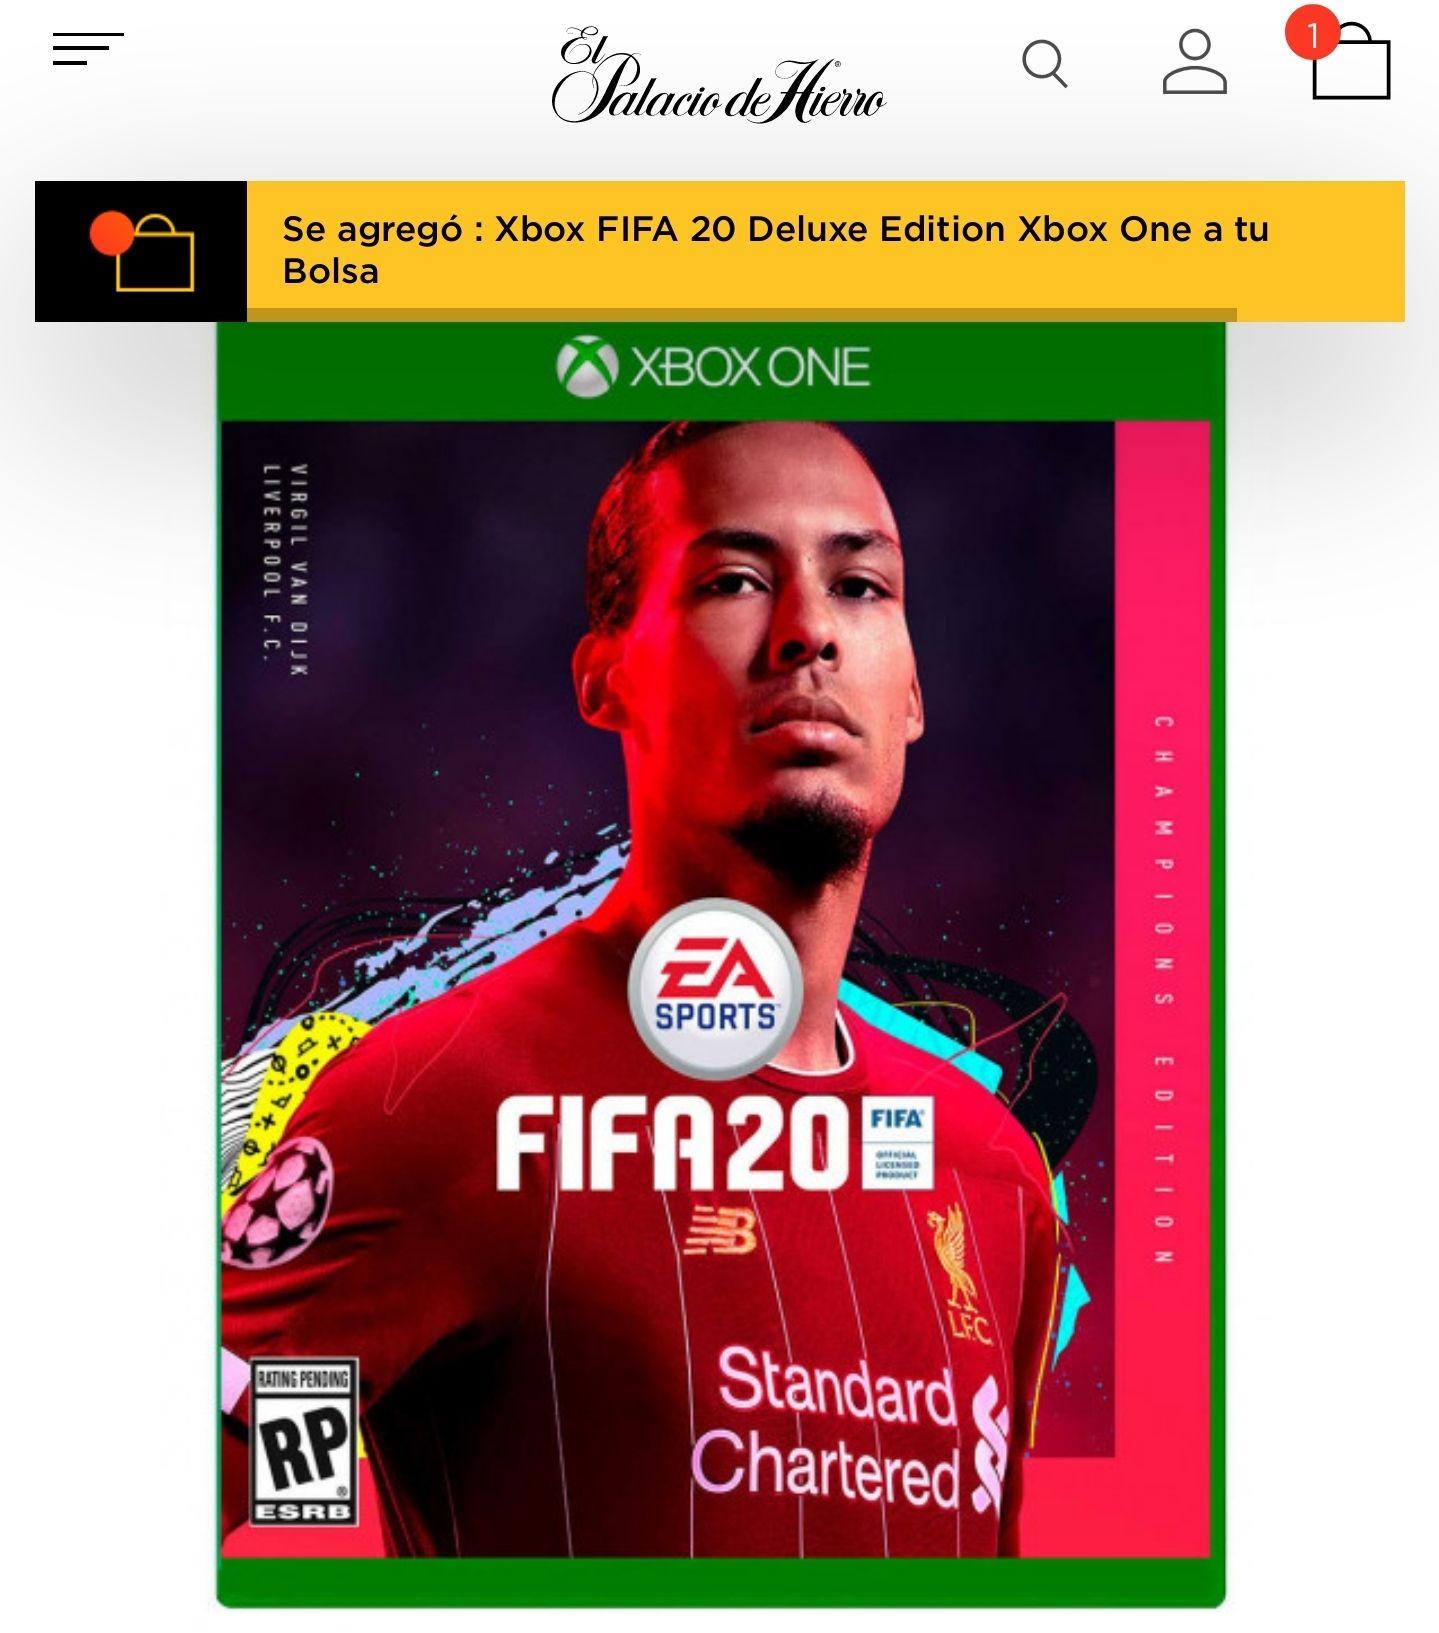 Palacio de Hierro: Xbox One Fifa 20 Deluxe